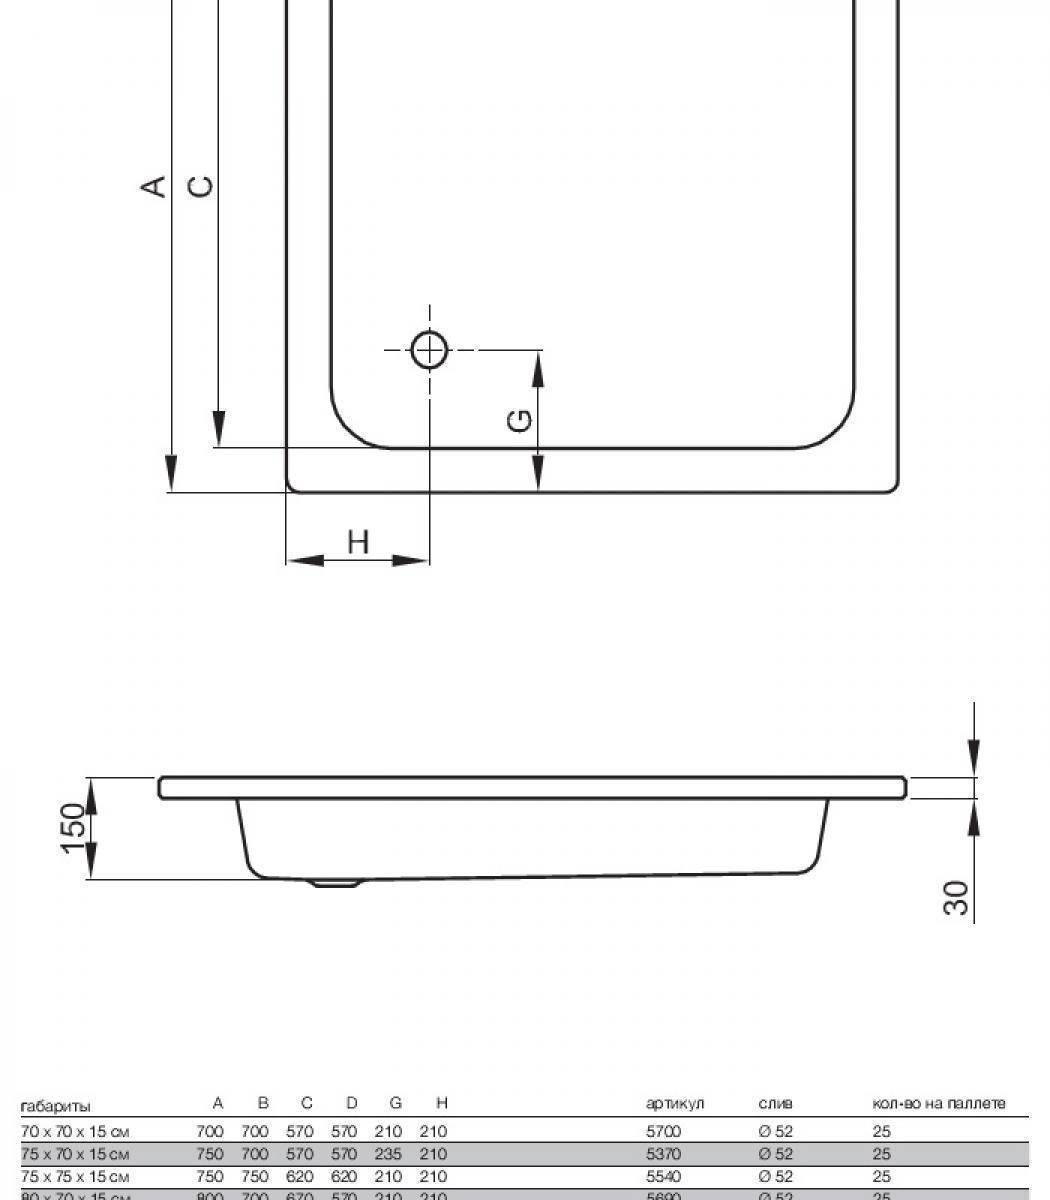 Поддоны для душевой кабины: формы и размеры